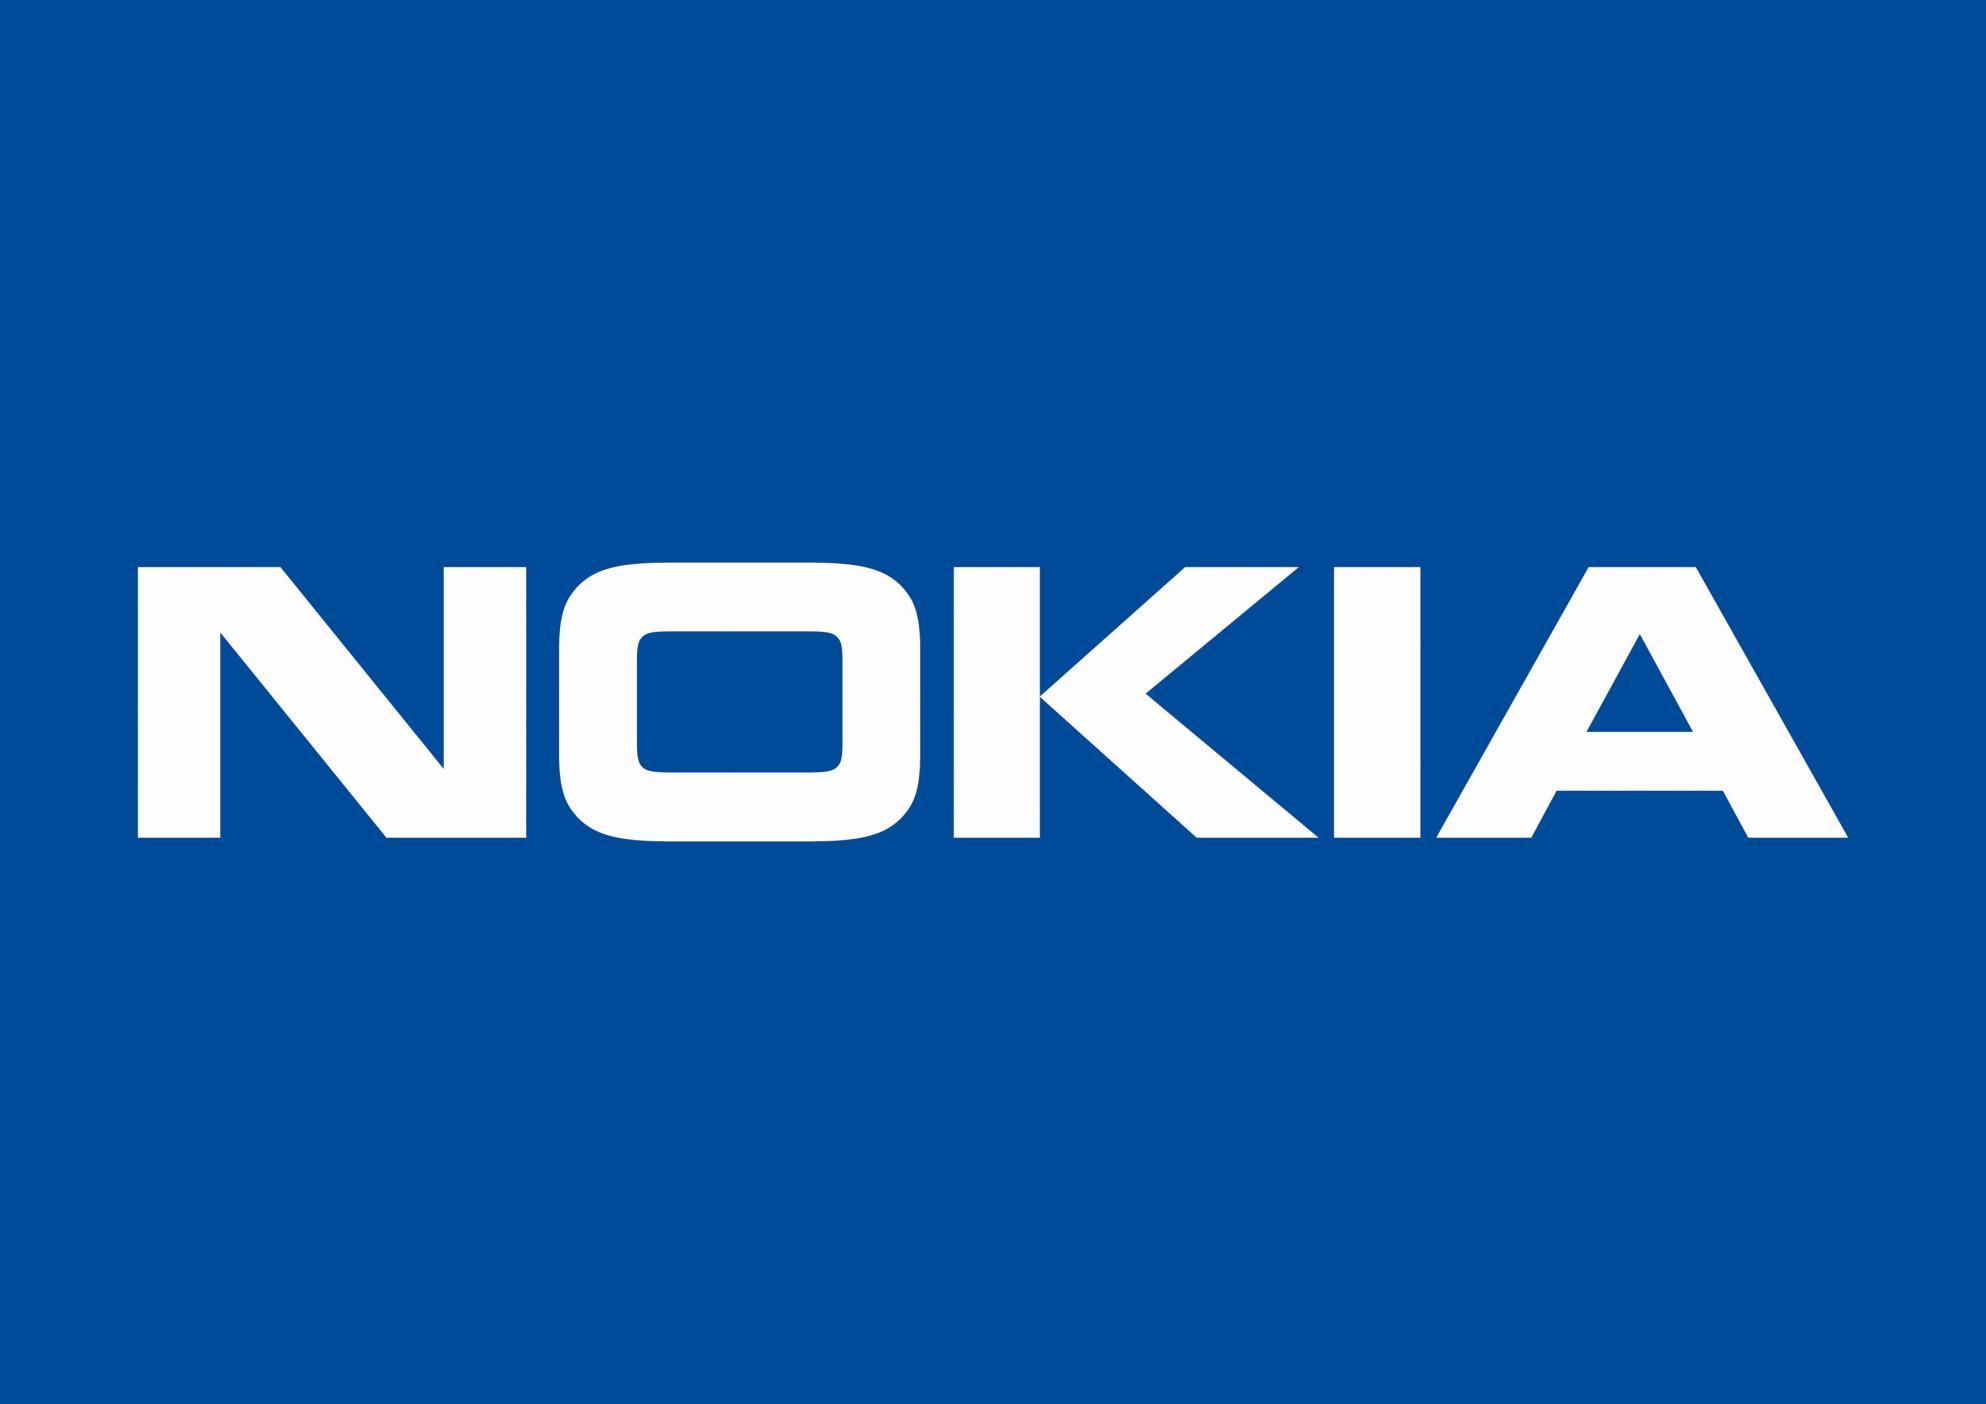 Nokia - Microsoft